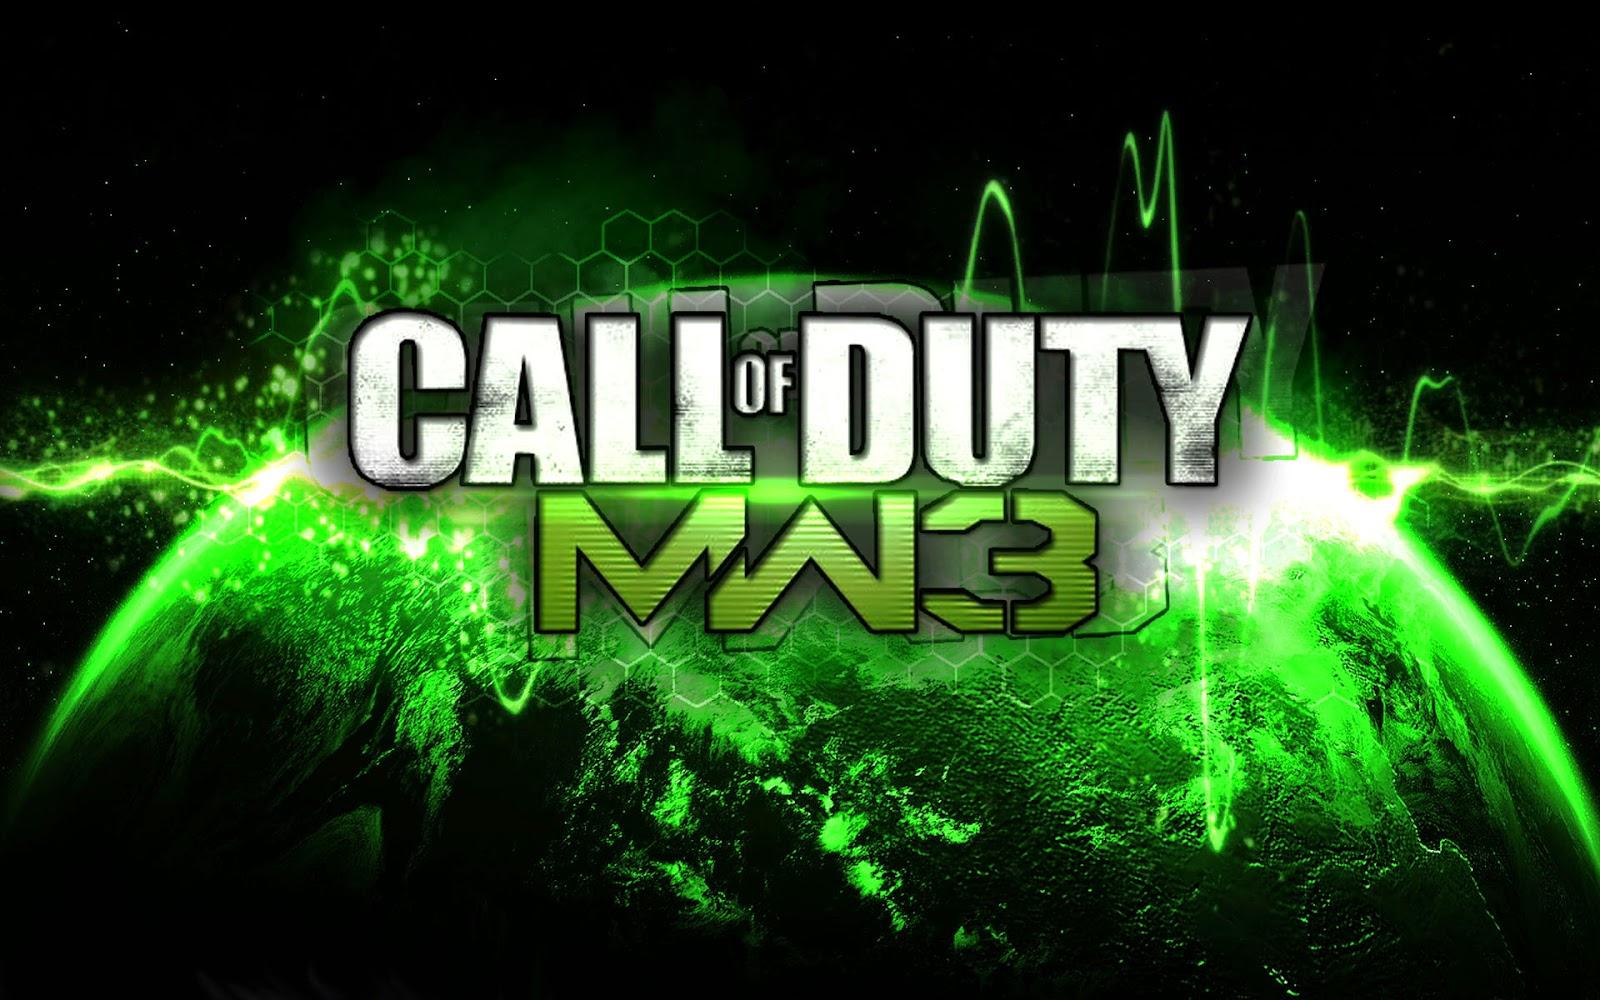 http://clikakidownloads.blogspot.com.br/2015/02/call-of-duty-modern-warfare-3-pc-game.html